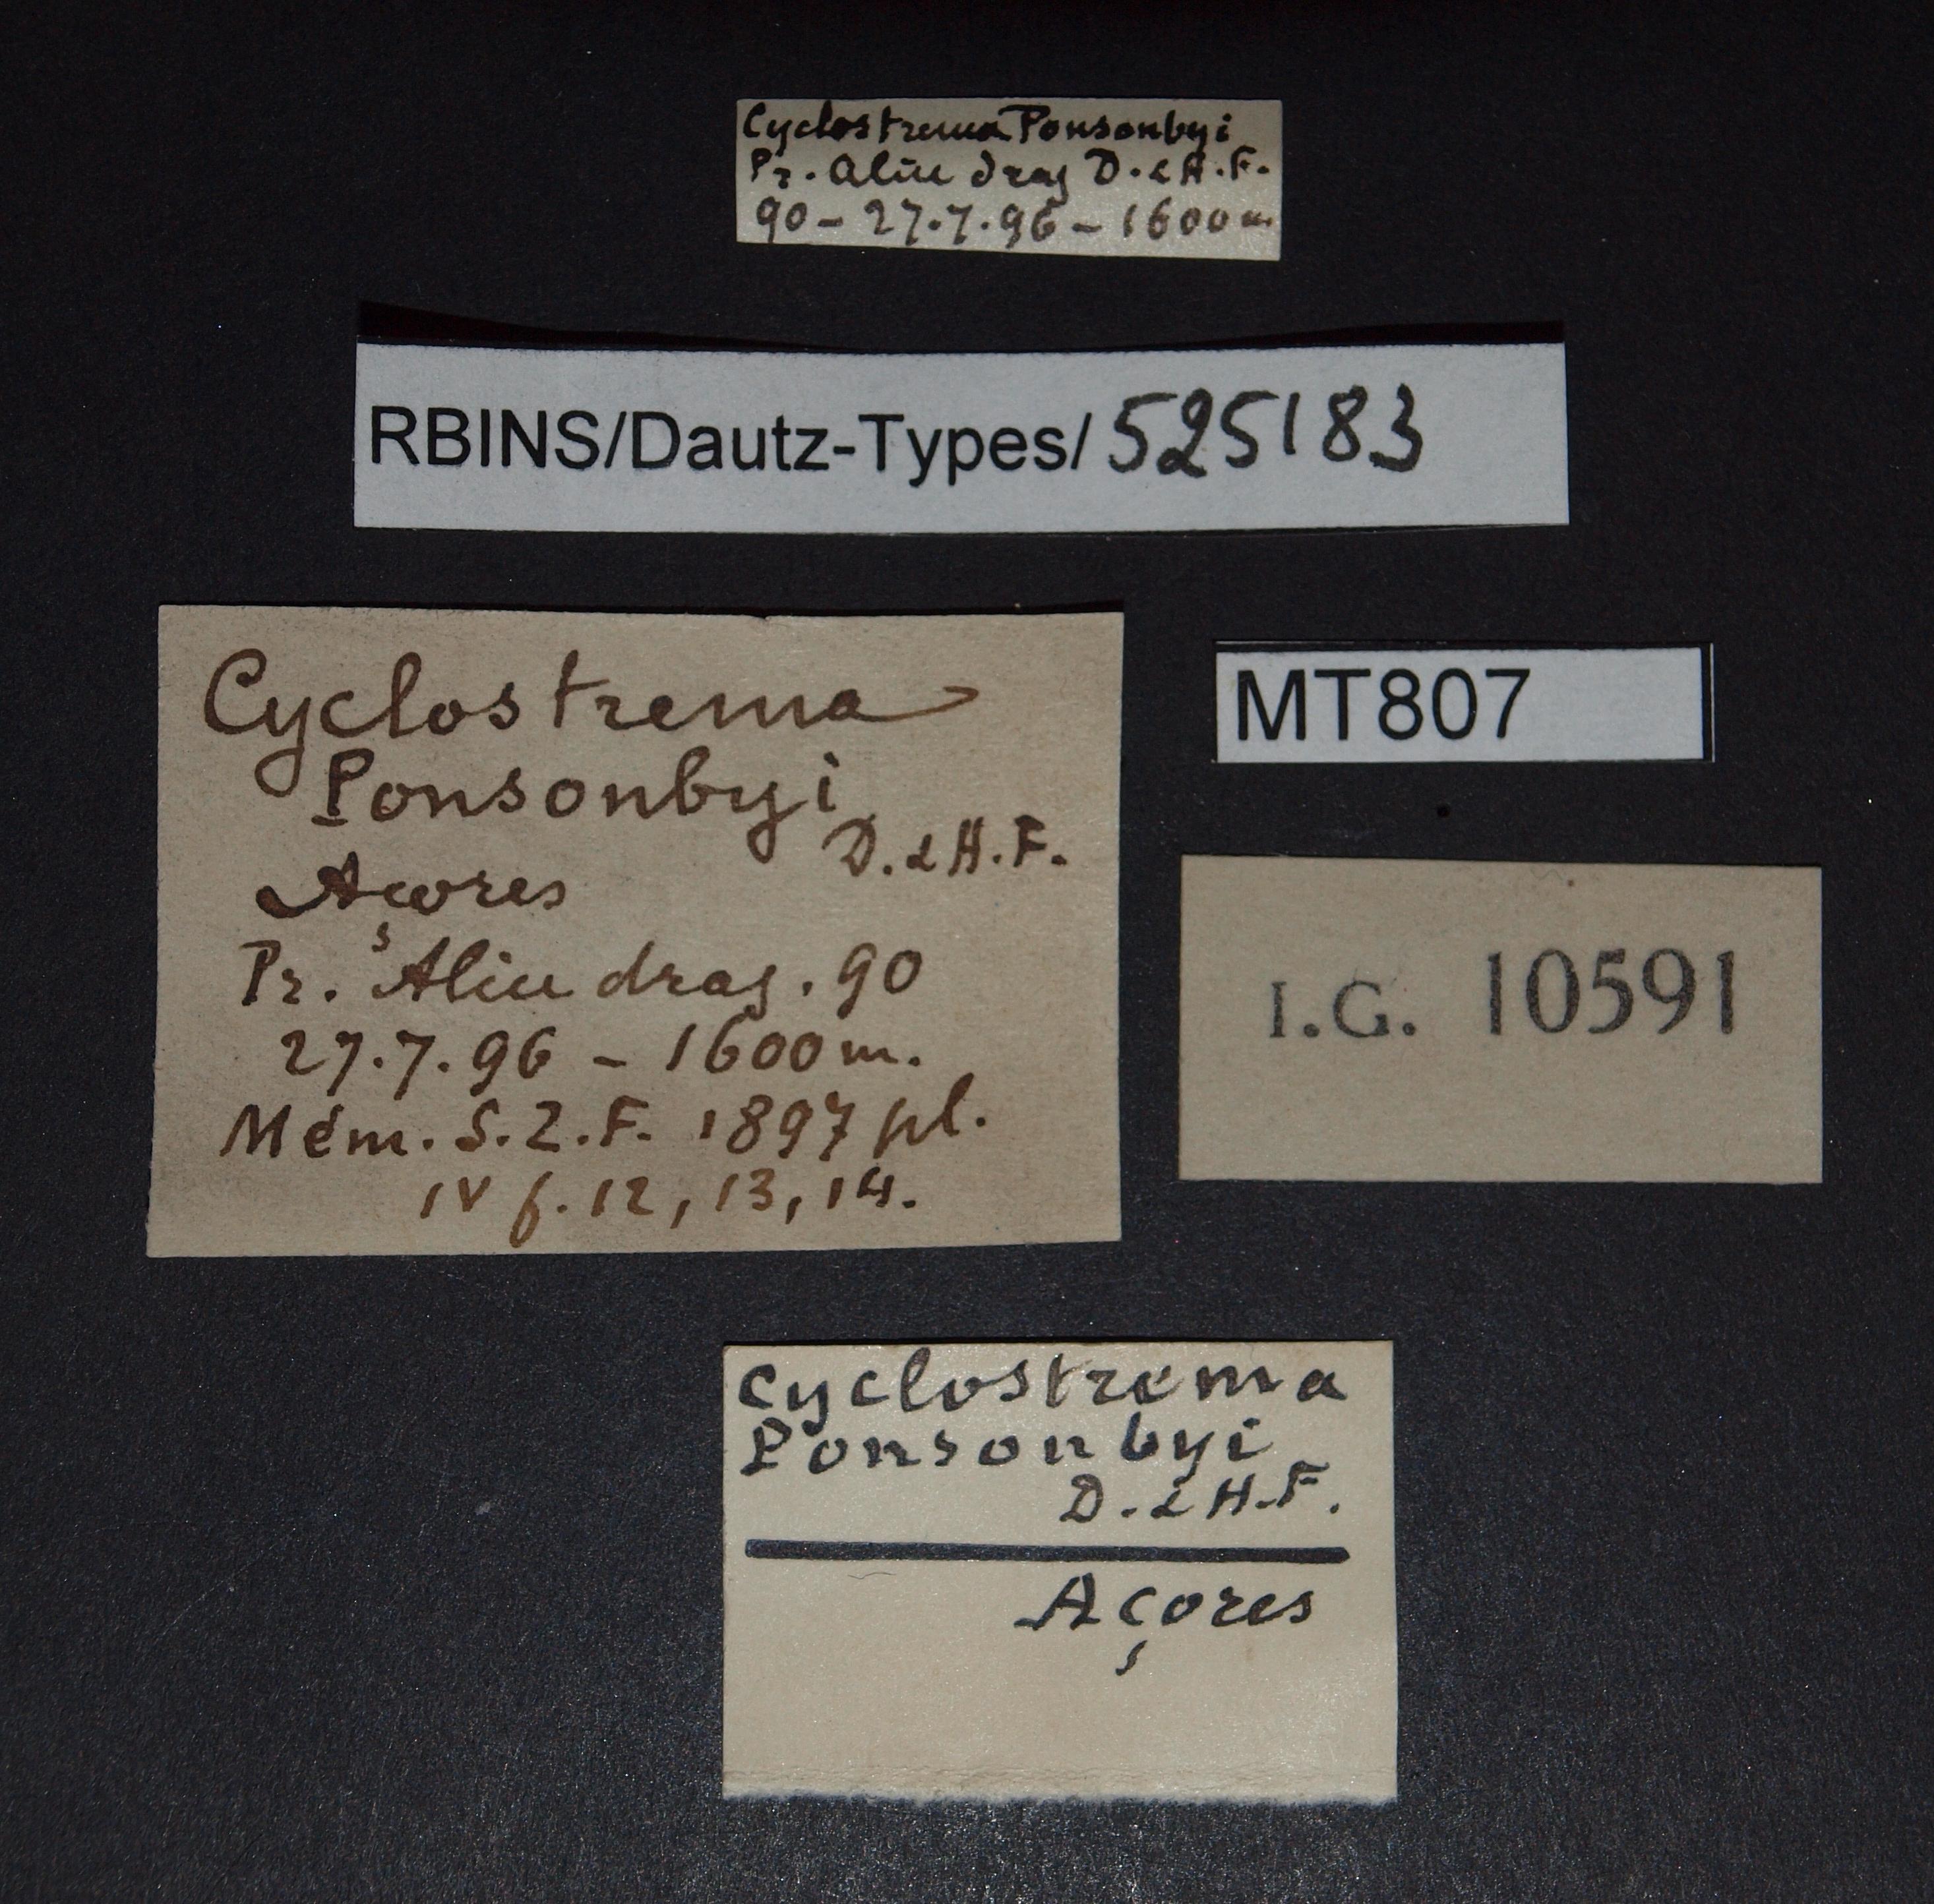 BE-RBINS-INV MT 807 Cyclostrema ponsonbyi pt. Lb.jpg